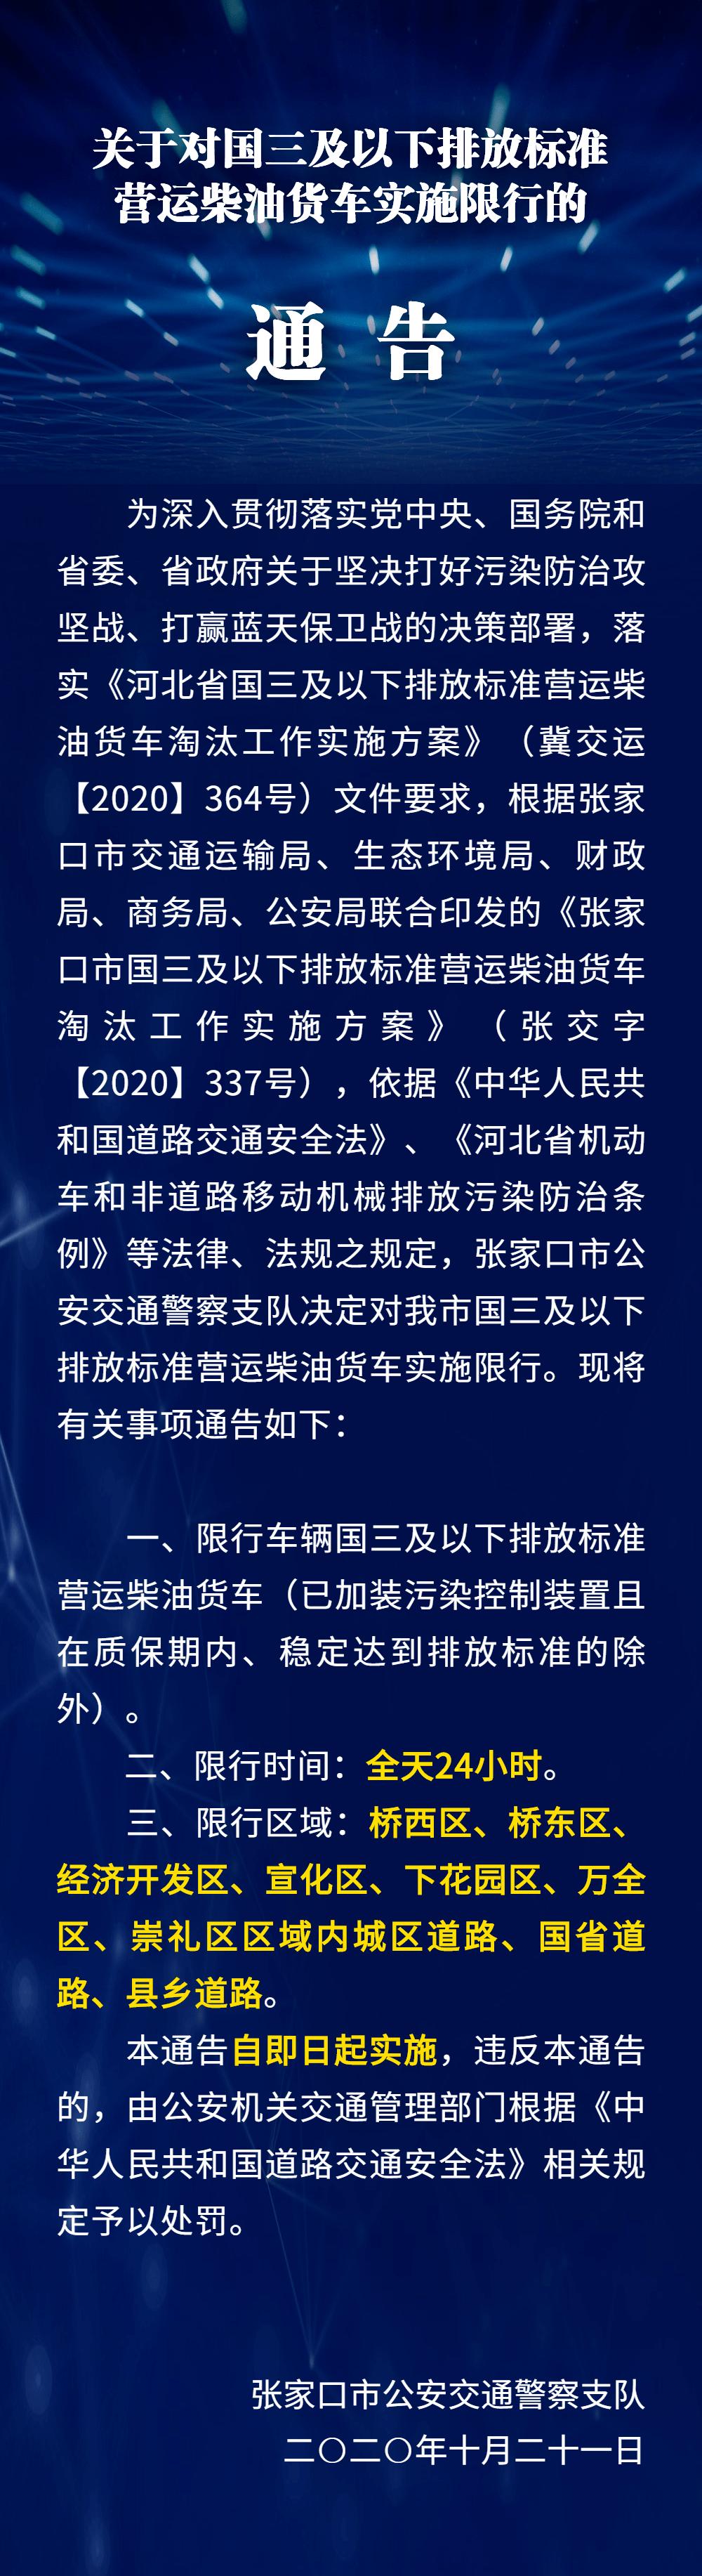 2021张家口汽车限行最新制度、限行规定、限行区域相关通知